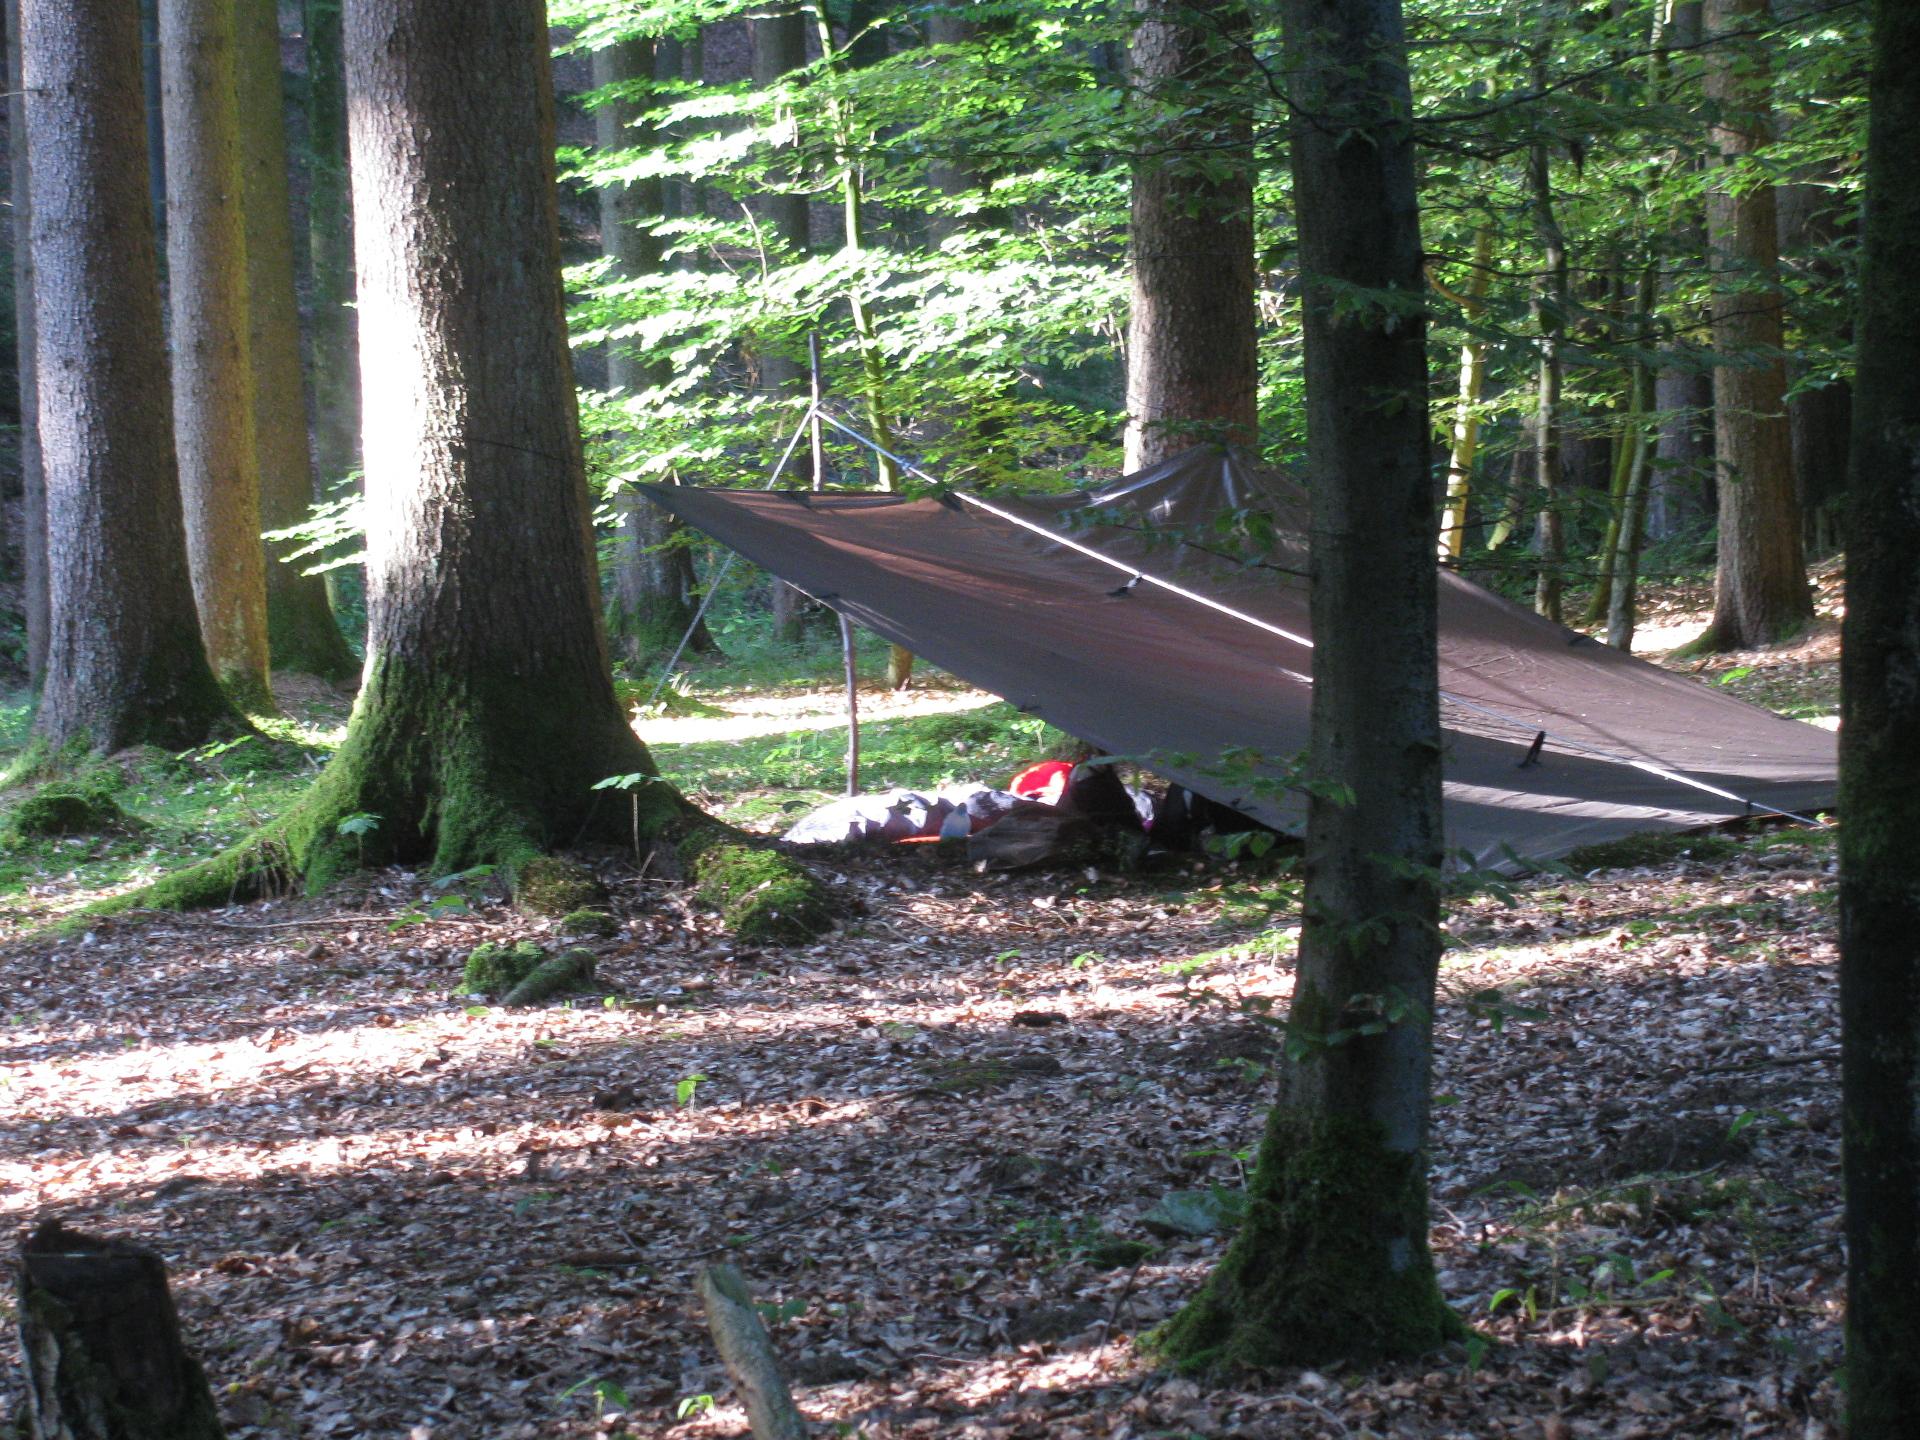 Schlafplatz im Wald mit Tarp